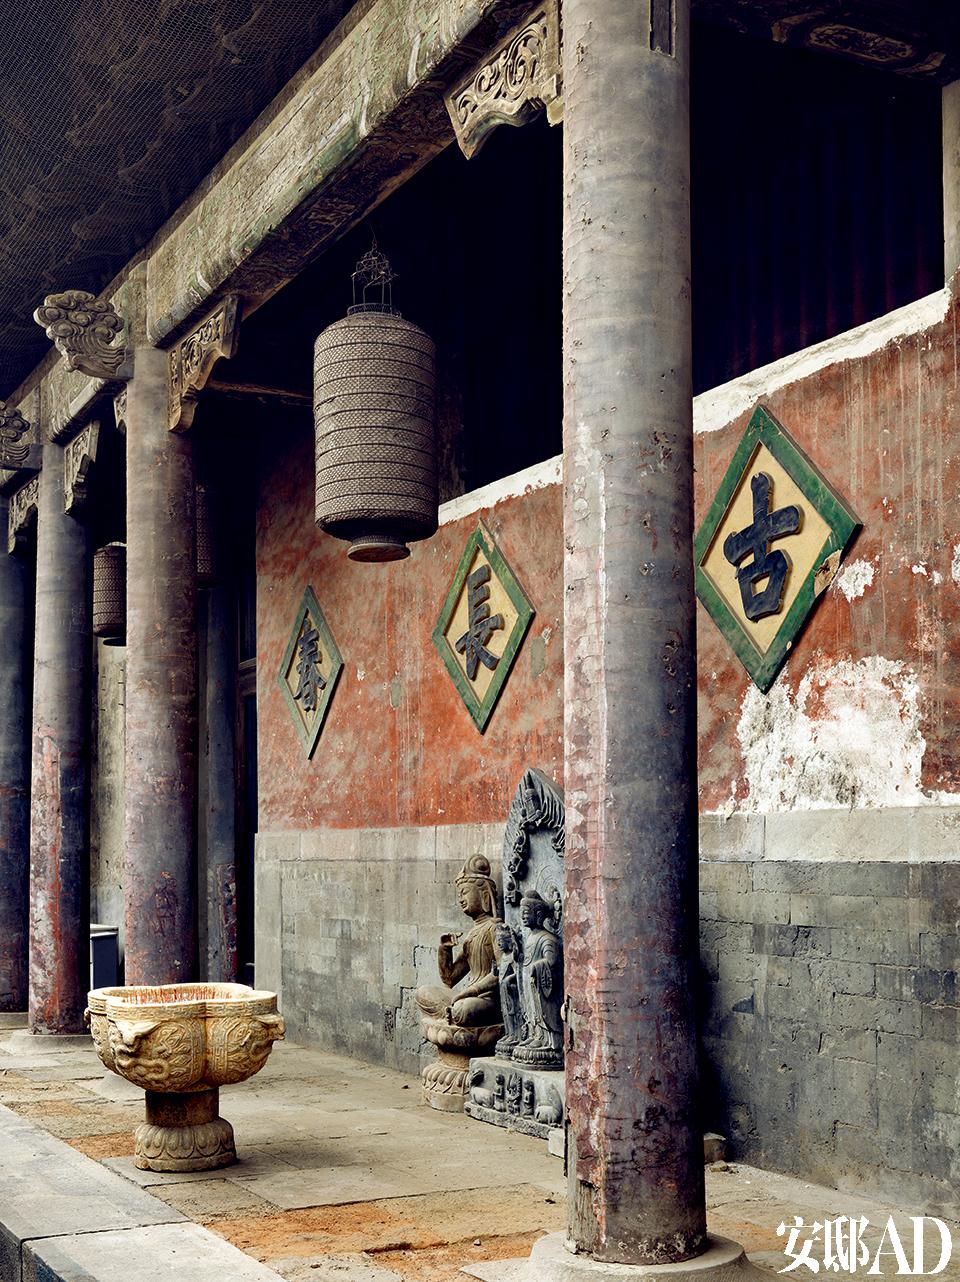 大庙主体大殿东侧外墙,混合着不同的年代痕迹。